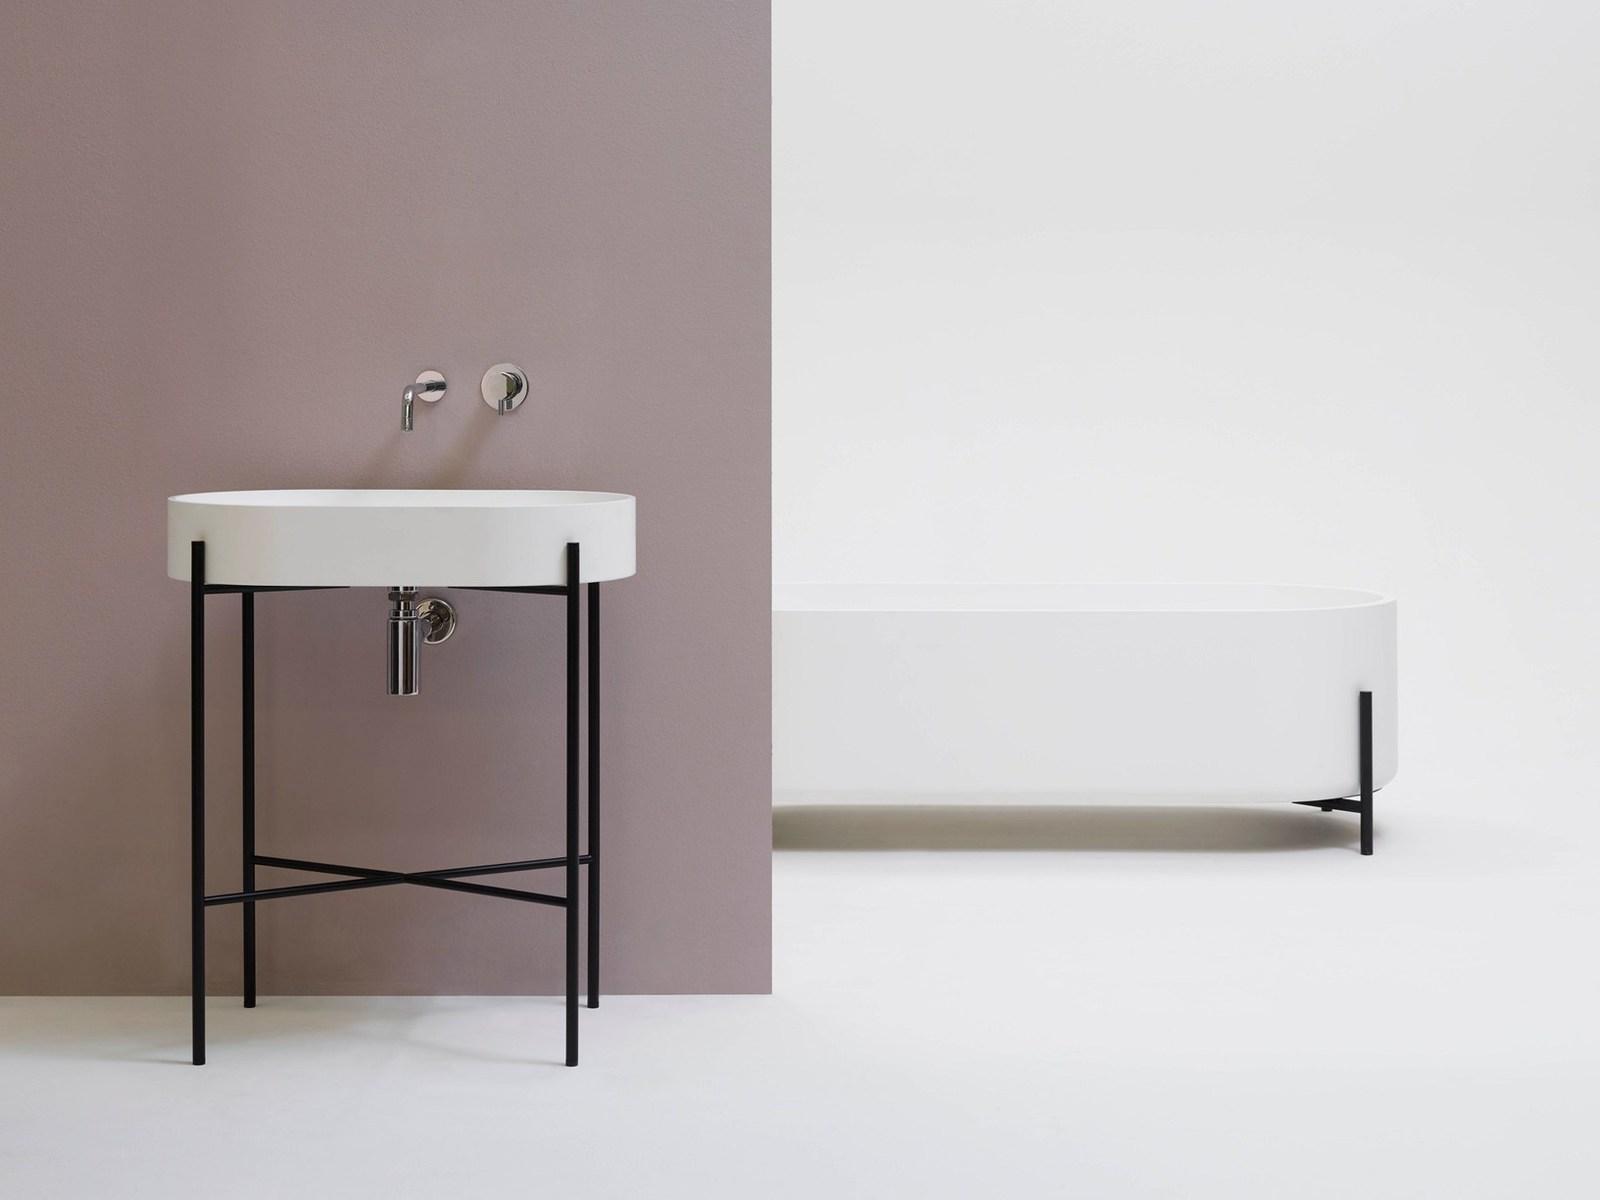 title   Minimalist Bathroom Sink